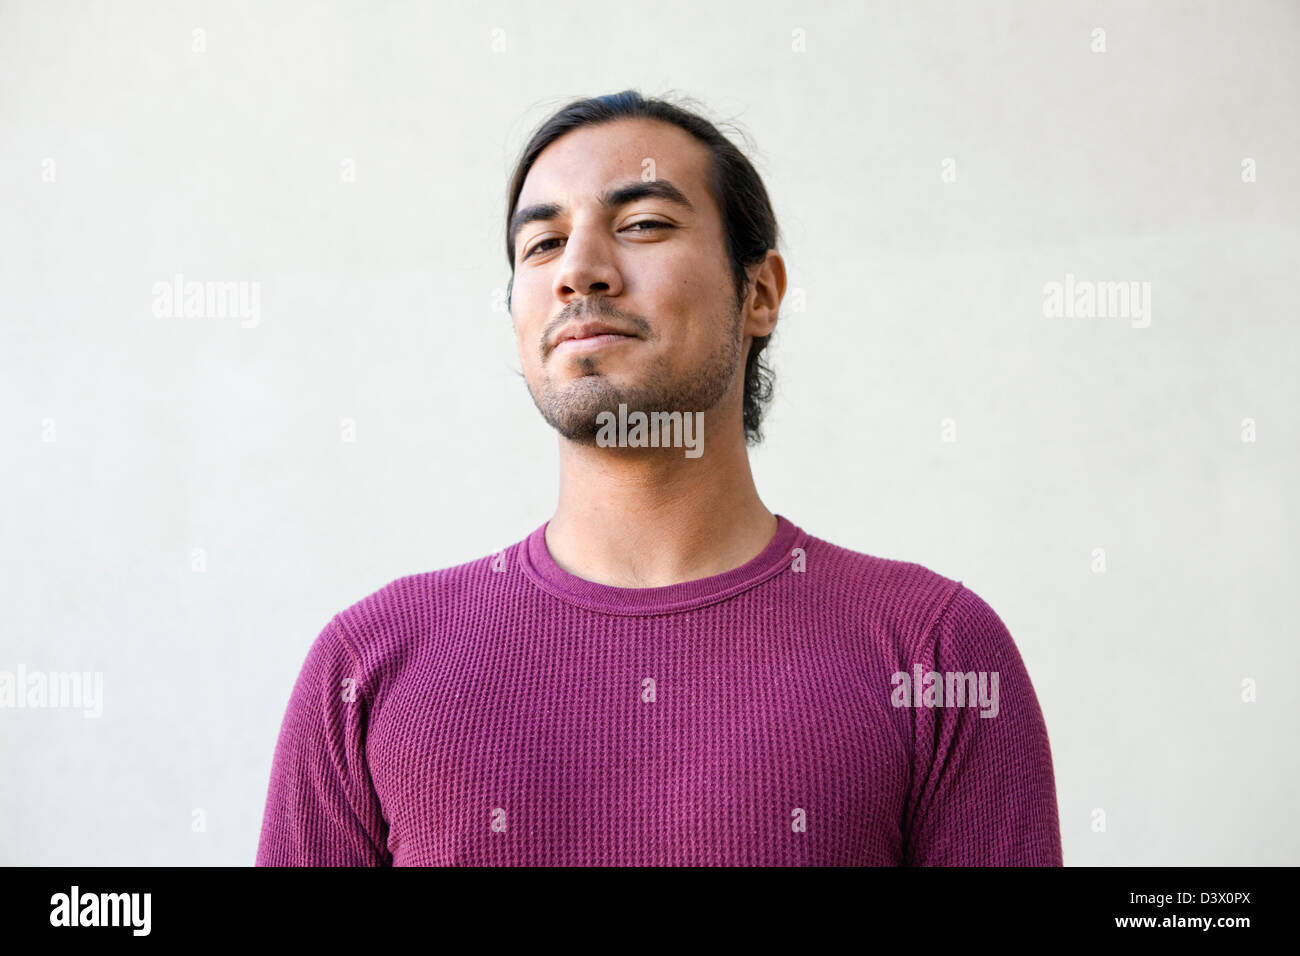 Ritratto di giovane adulto con i capelli lunghi messicano-american maschio con espressione di semi-sorriso, dubbio e giocosità Foto Stock